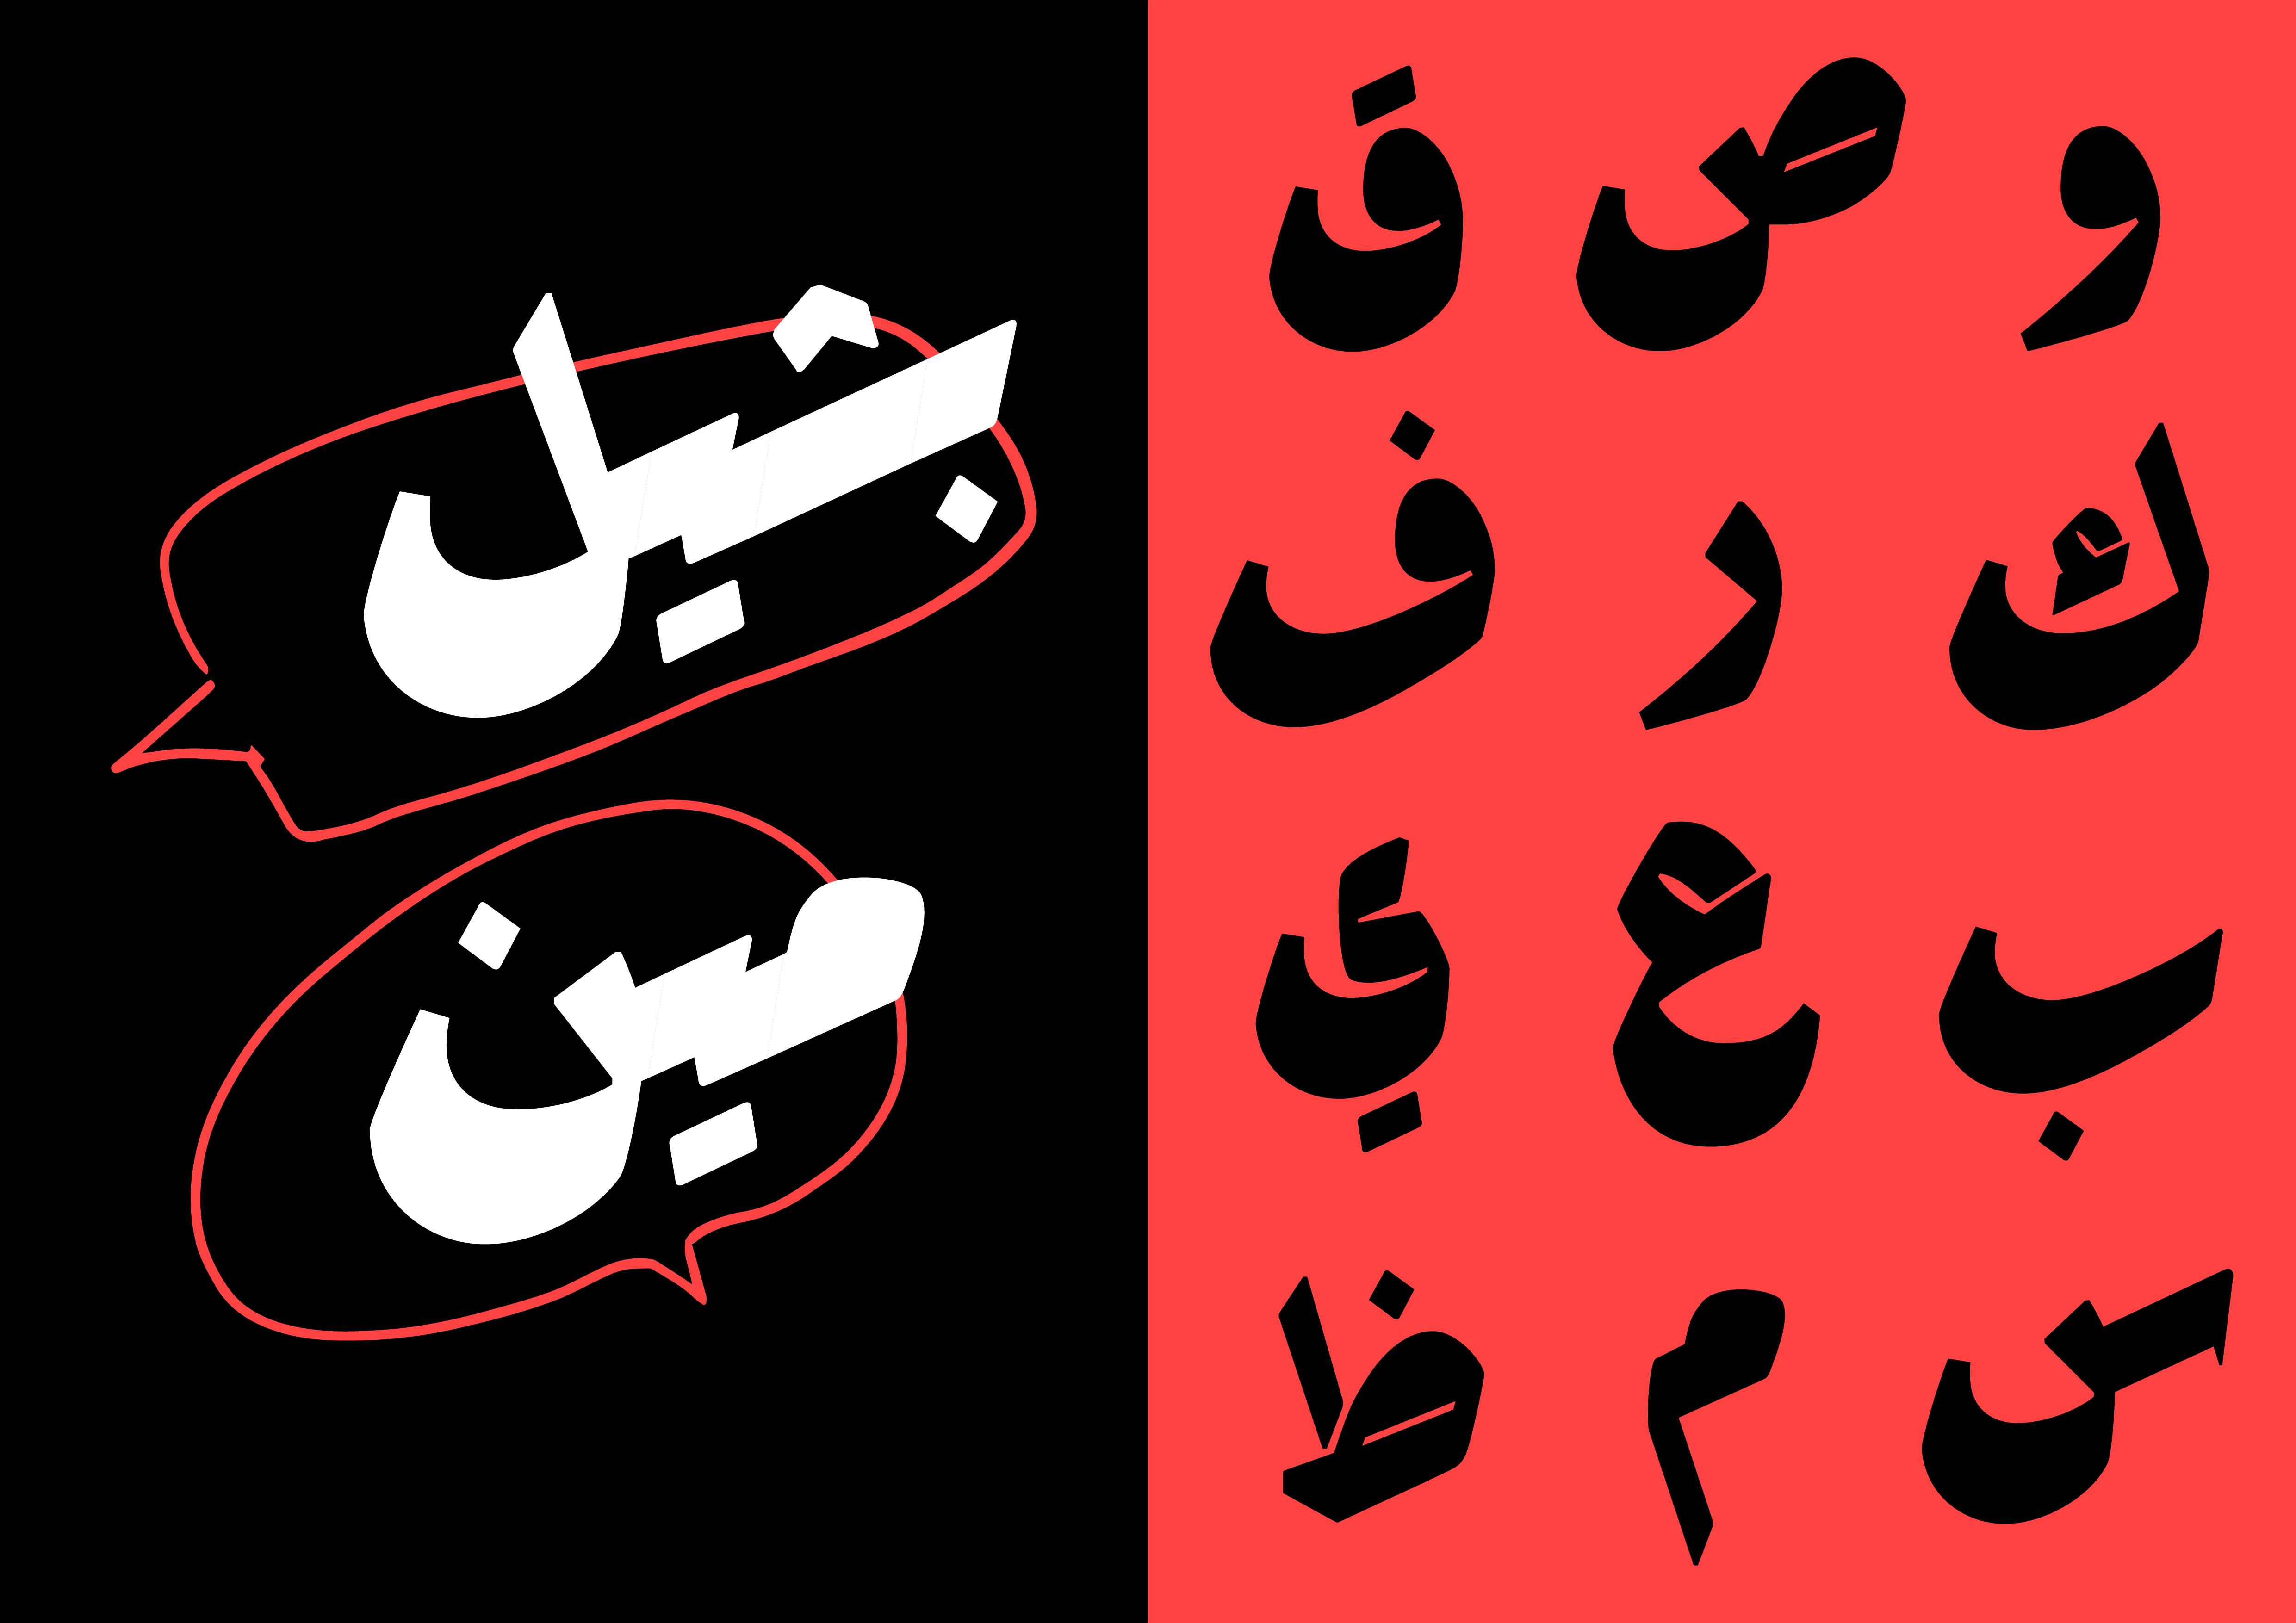 daght typeface.